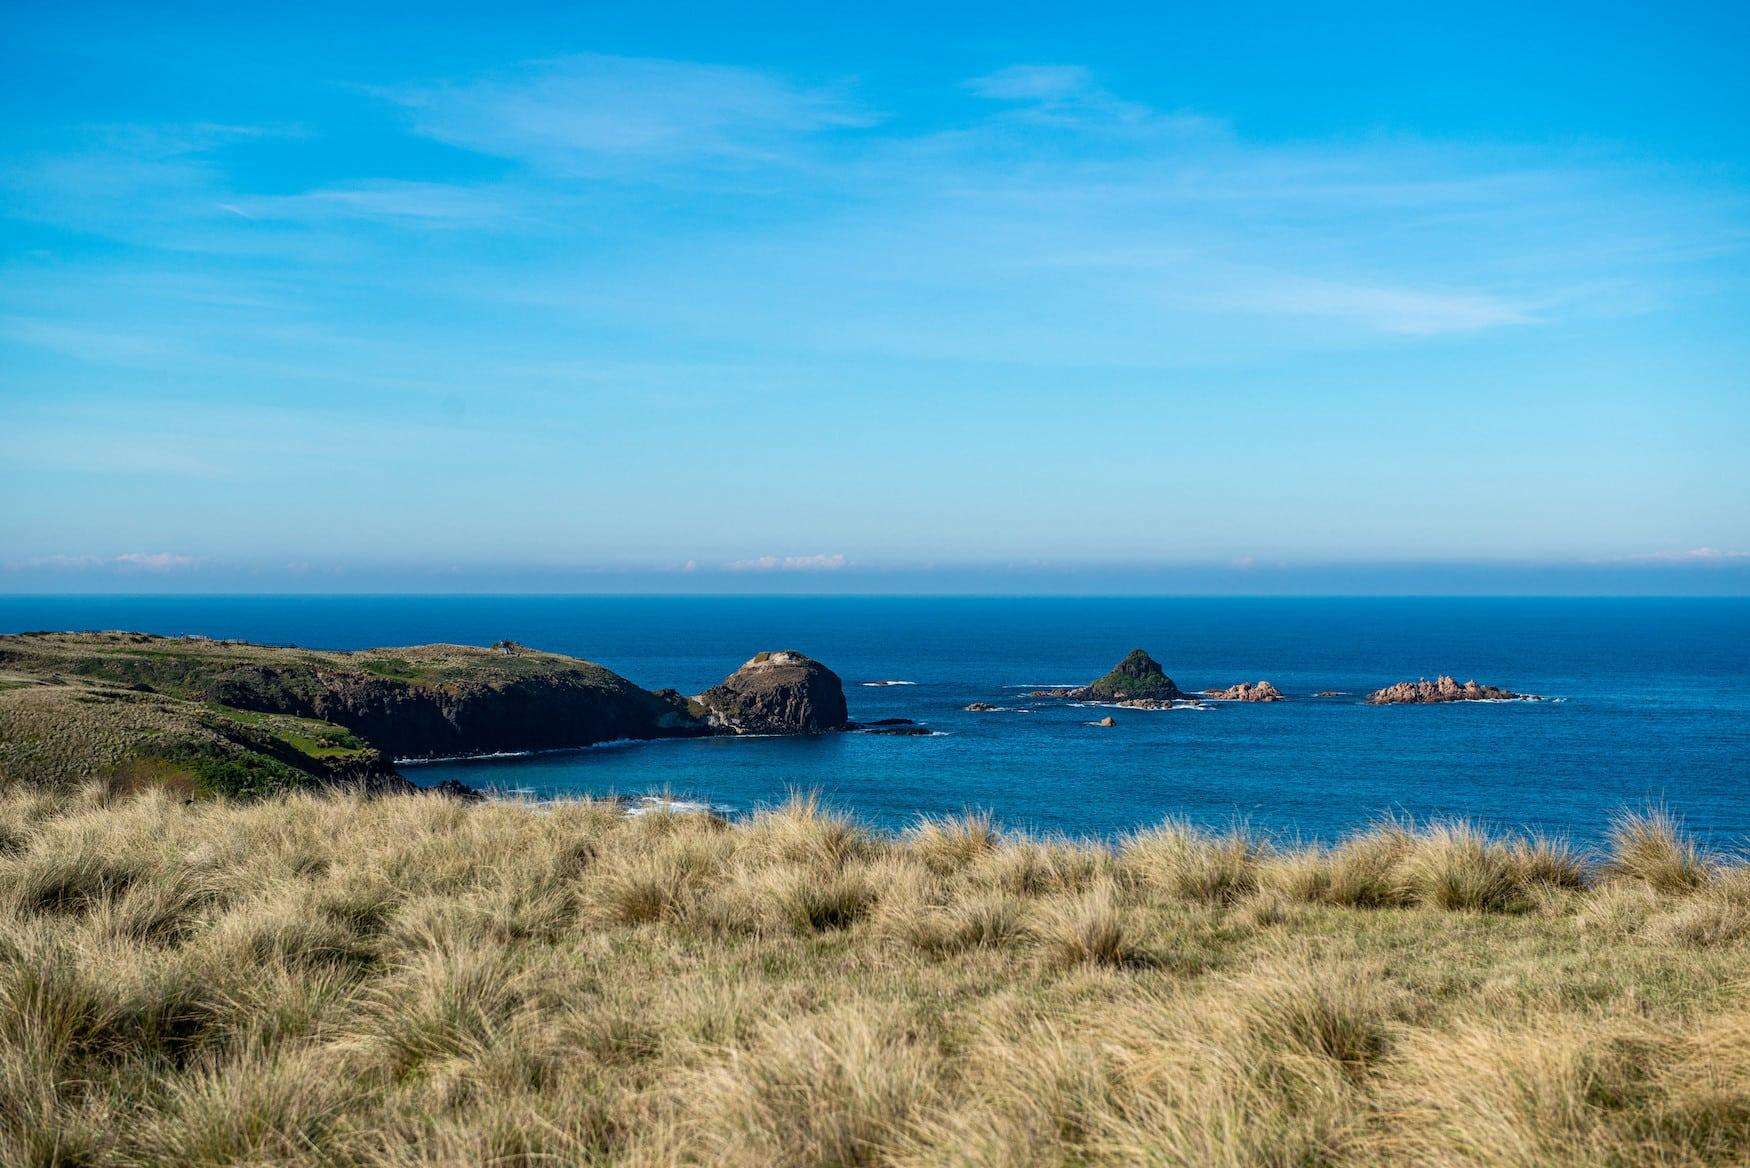 Strandabschnitt und Küstenlinie im australischen Bundesstaat Victoria